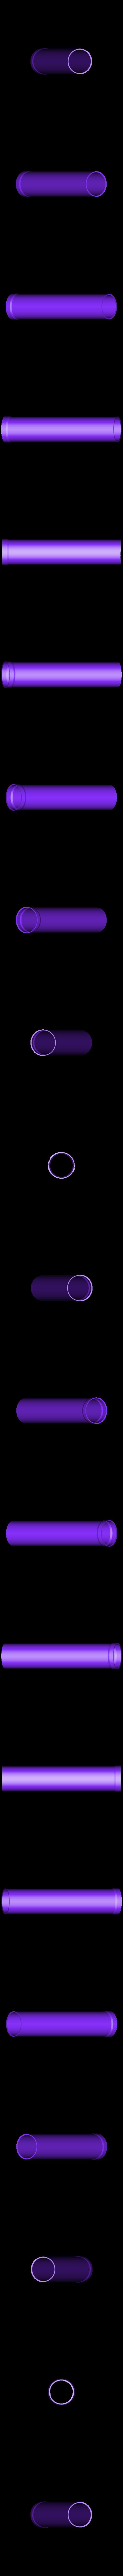 Duct02.STL Télécharger fichier STL gratuit Accessoires pour le Hobbyking (Piccole Ali) Macchi C.205 Veltro ARF • Modèle pour impression 3D, tahustvedt